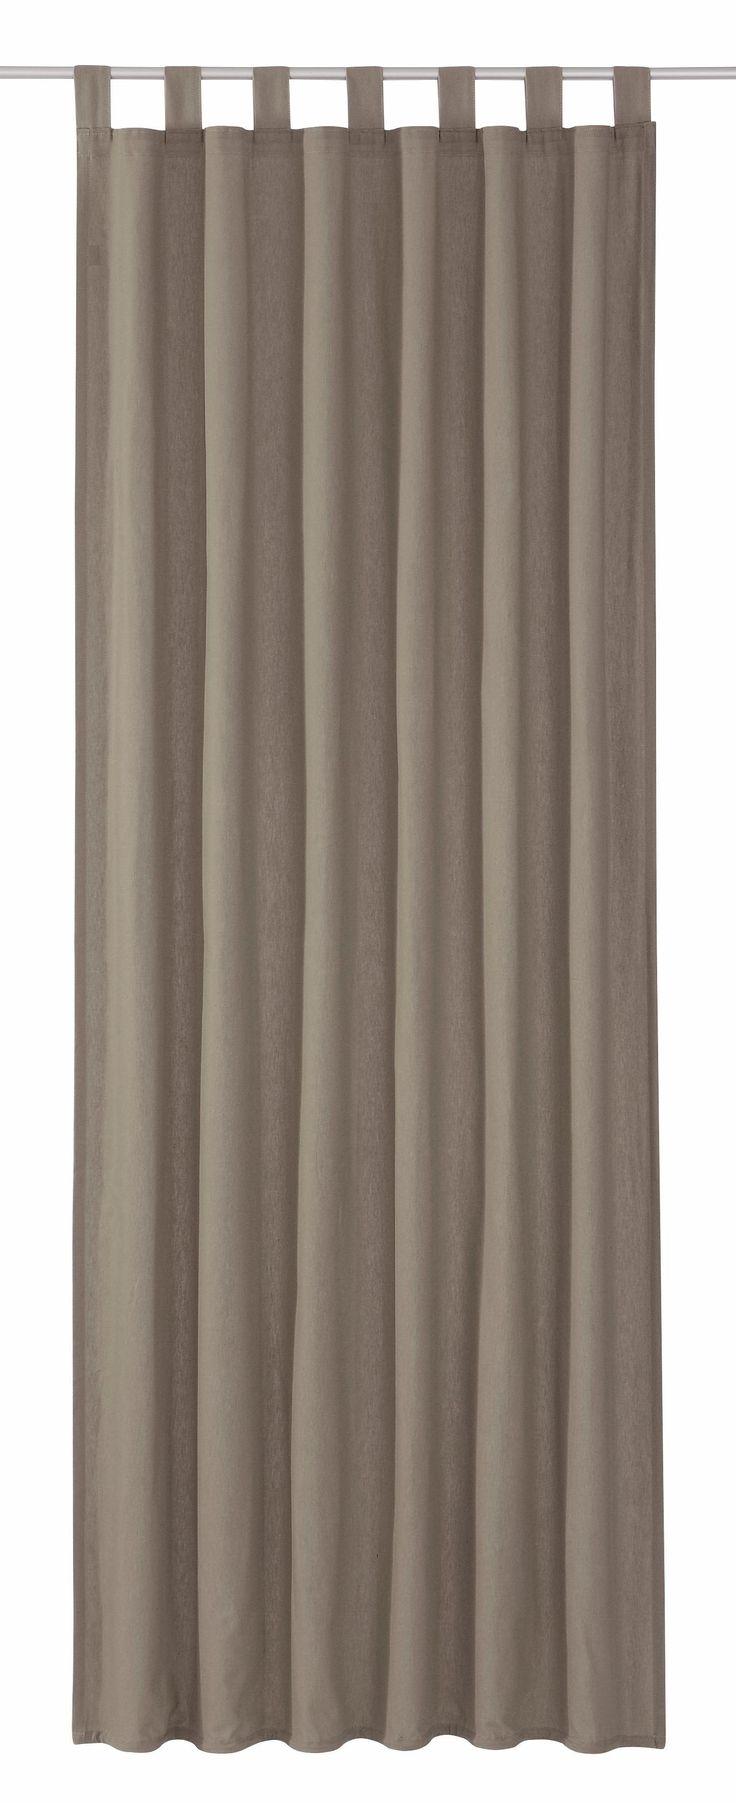 25+ best ideas about gardinen grau on pinterest | graue vorhänge, Deko ideen